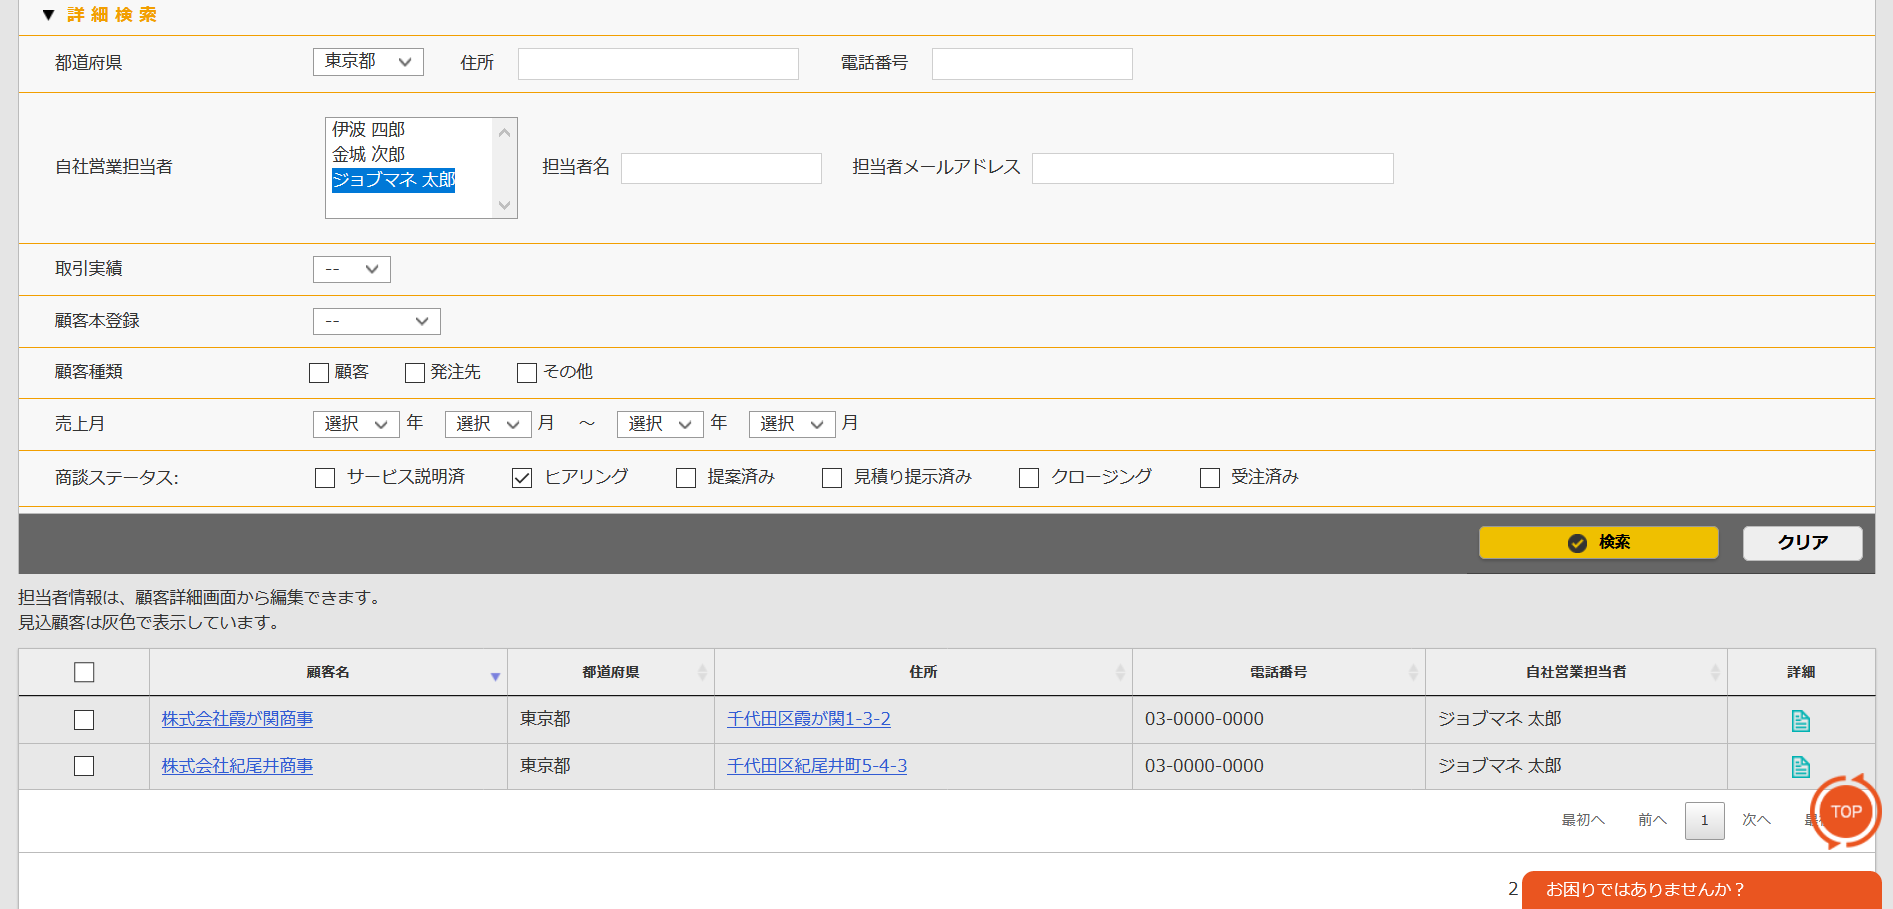 顧客情報のかんたん登録・検索